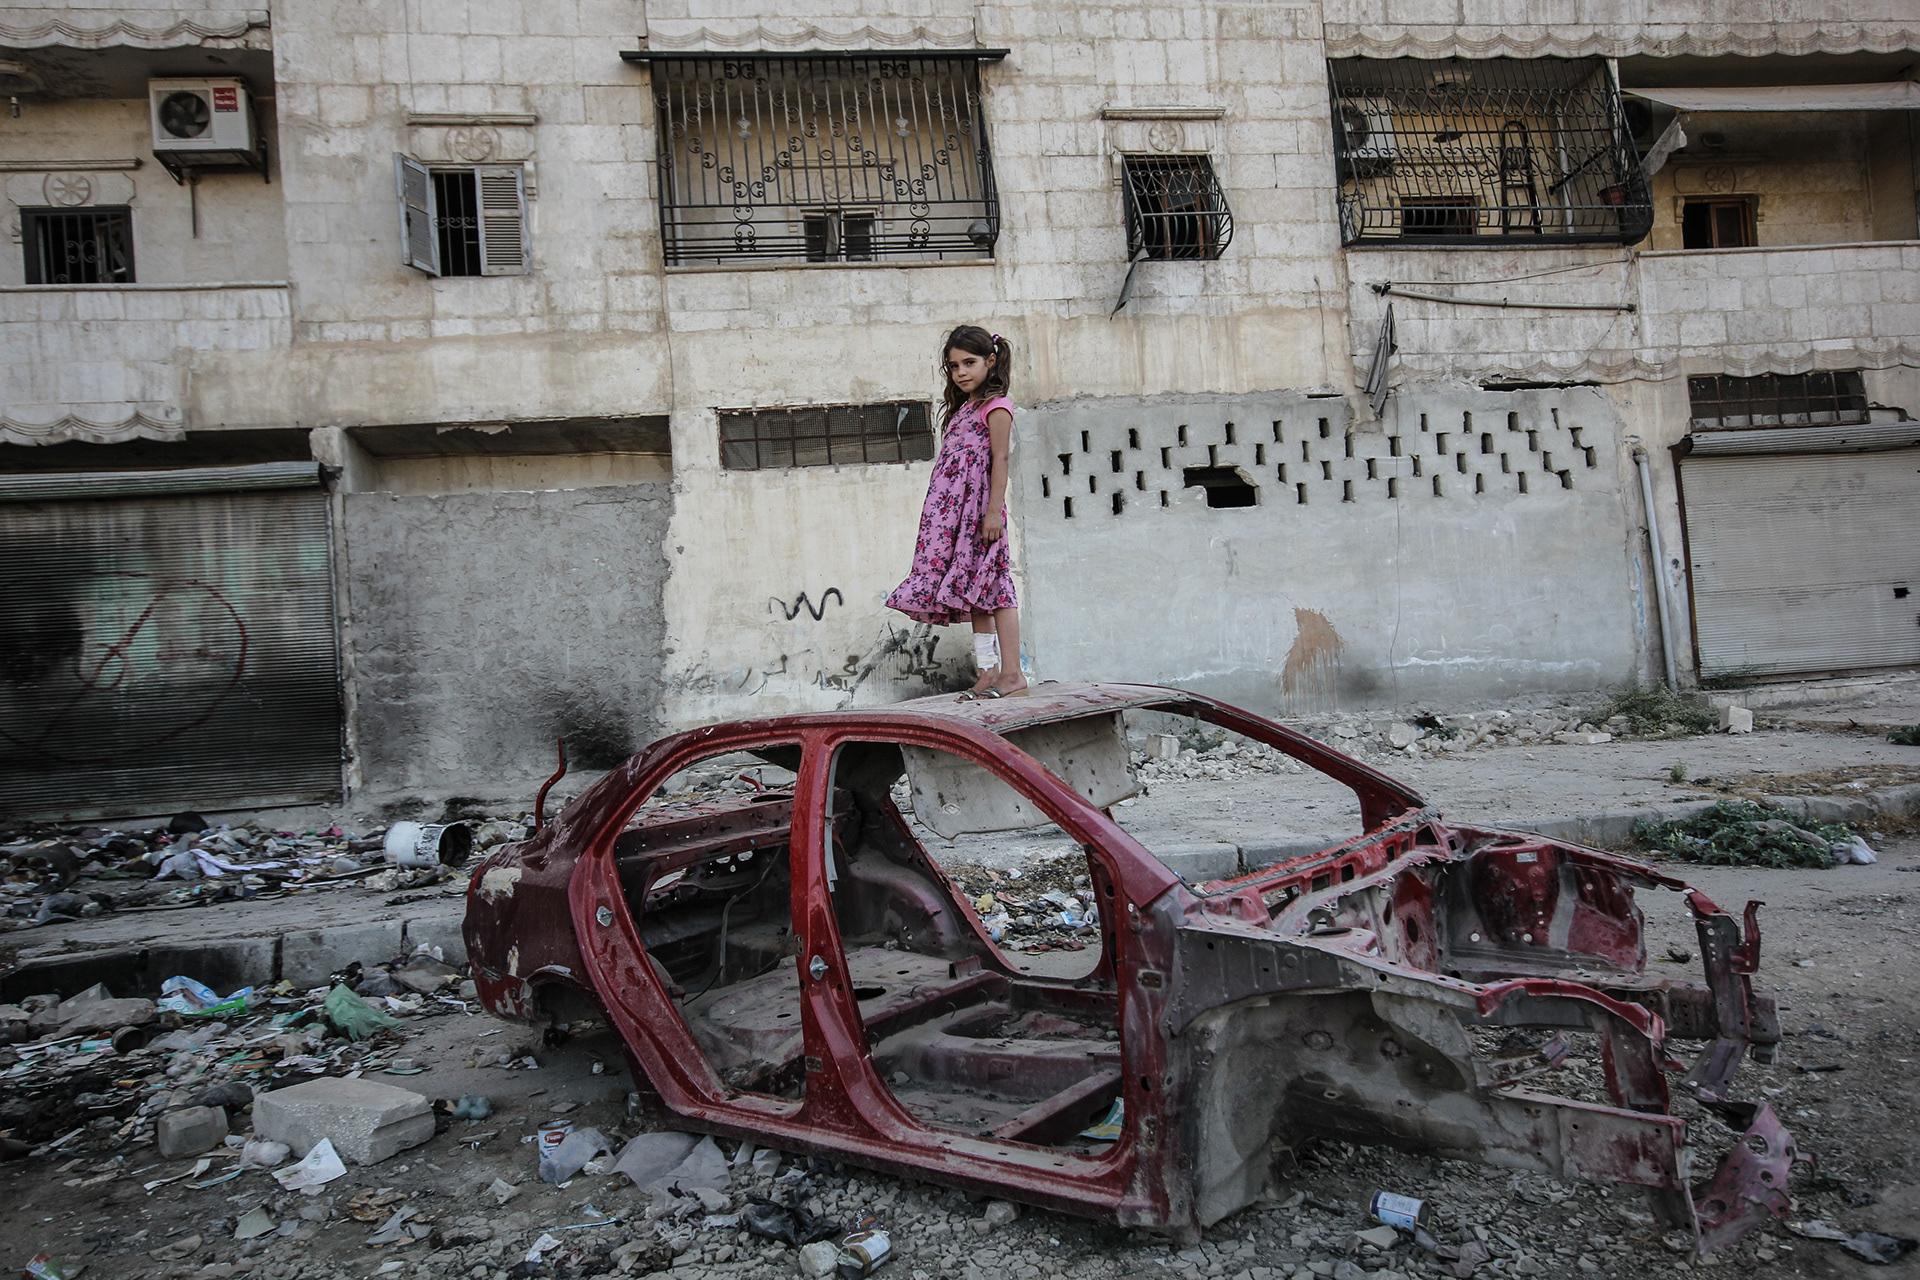 Pieni tyttö seisoo palaneen auton rungon päällä. Hänellä on päällään mekko, ja säären ympärille on kääritty sideharsoa.